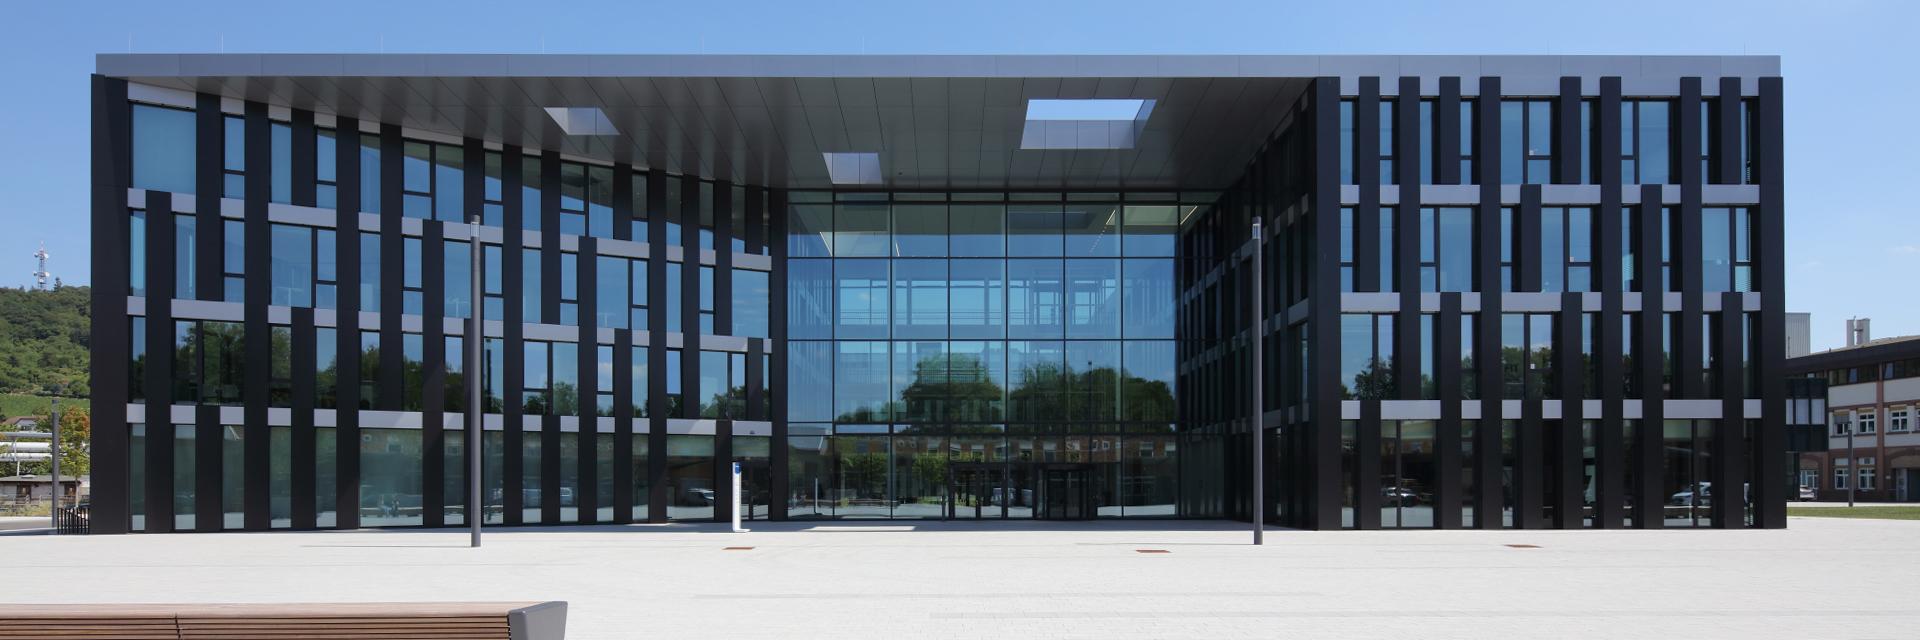 Fassadenprofile Referenzprojekt Bürogebäude Freudenberg, Weinheim von HPP Architekten